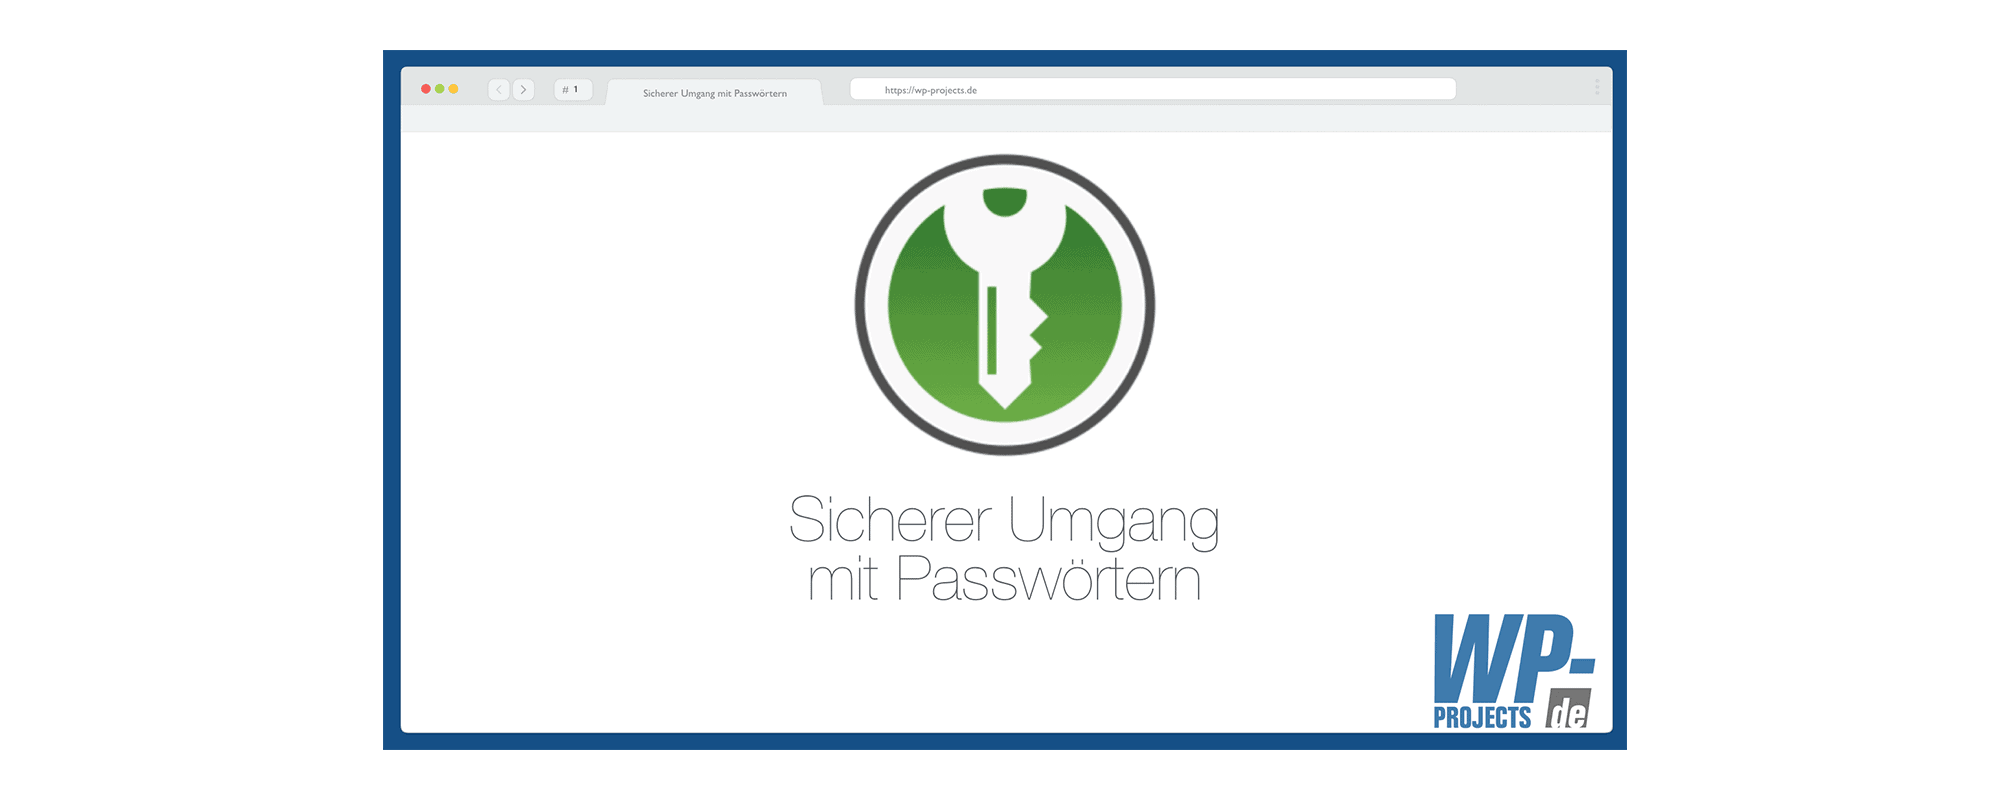 Beitragsbild zum Vortrag Sicherer Umgang mit Passwörtern